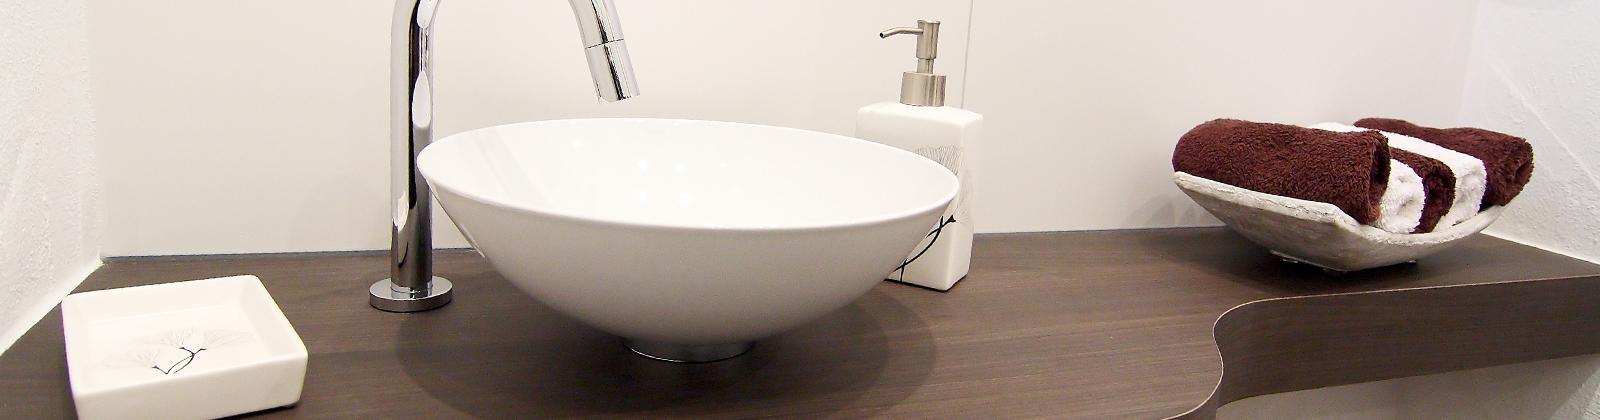 gaeste wc mit charme st bler eislingen landkreis. Black Bedroom Furniture Sets. Home Design Ideas